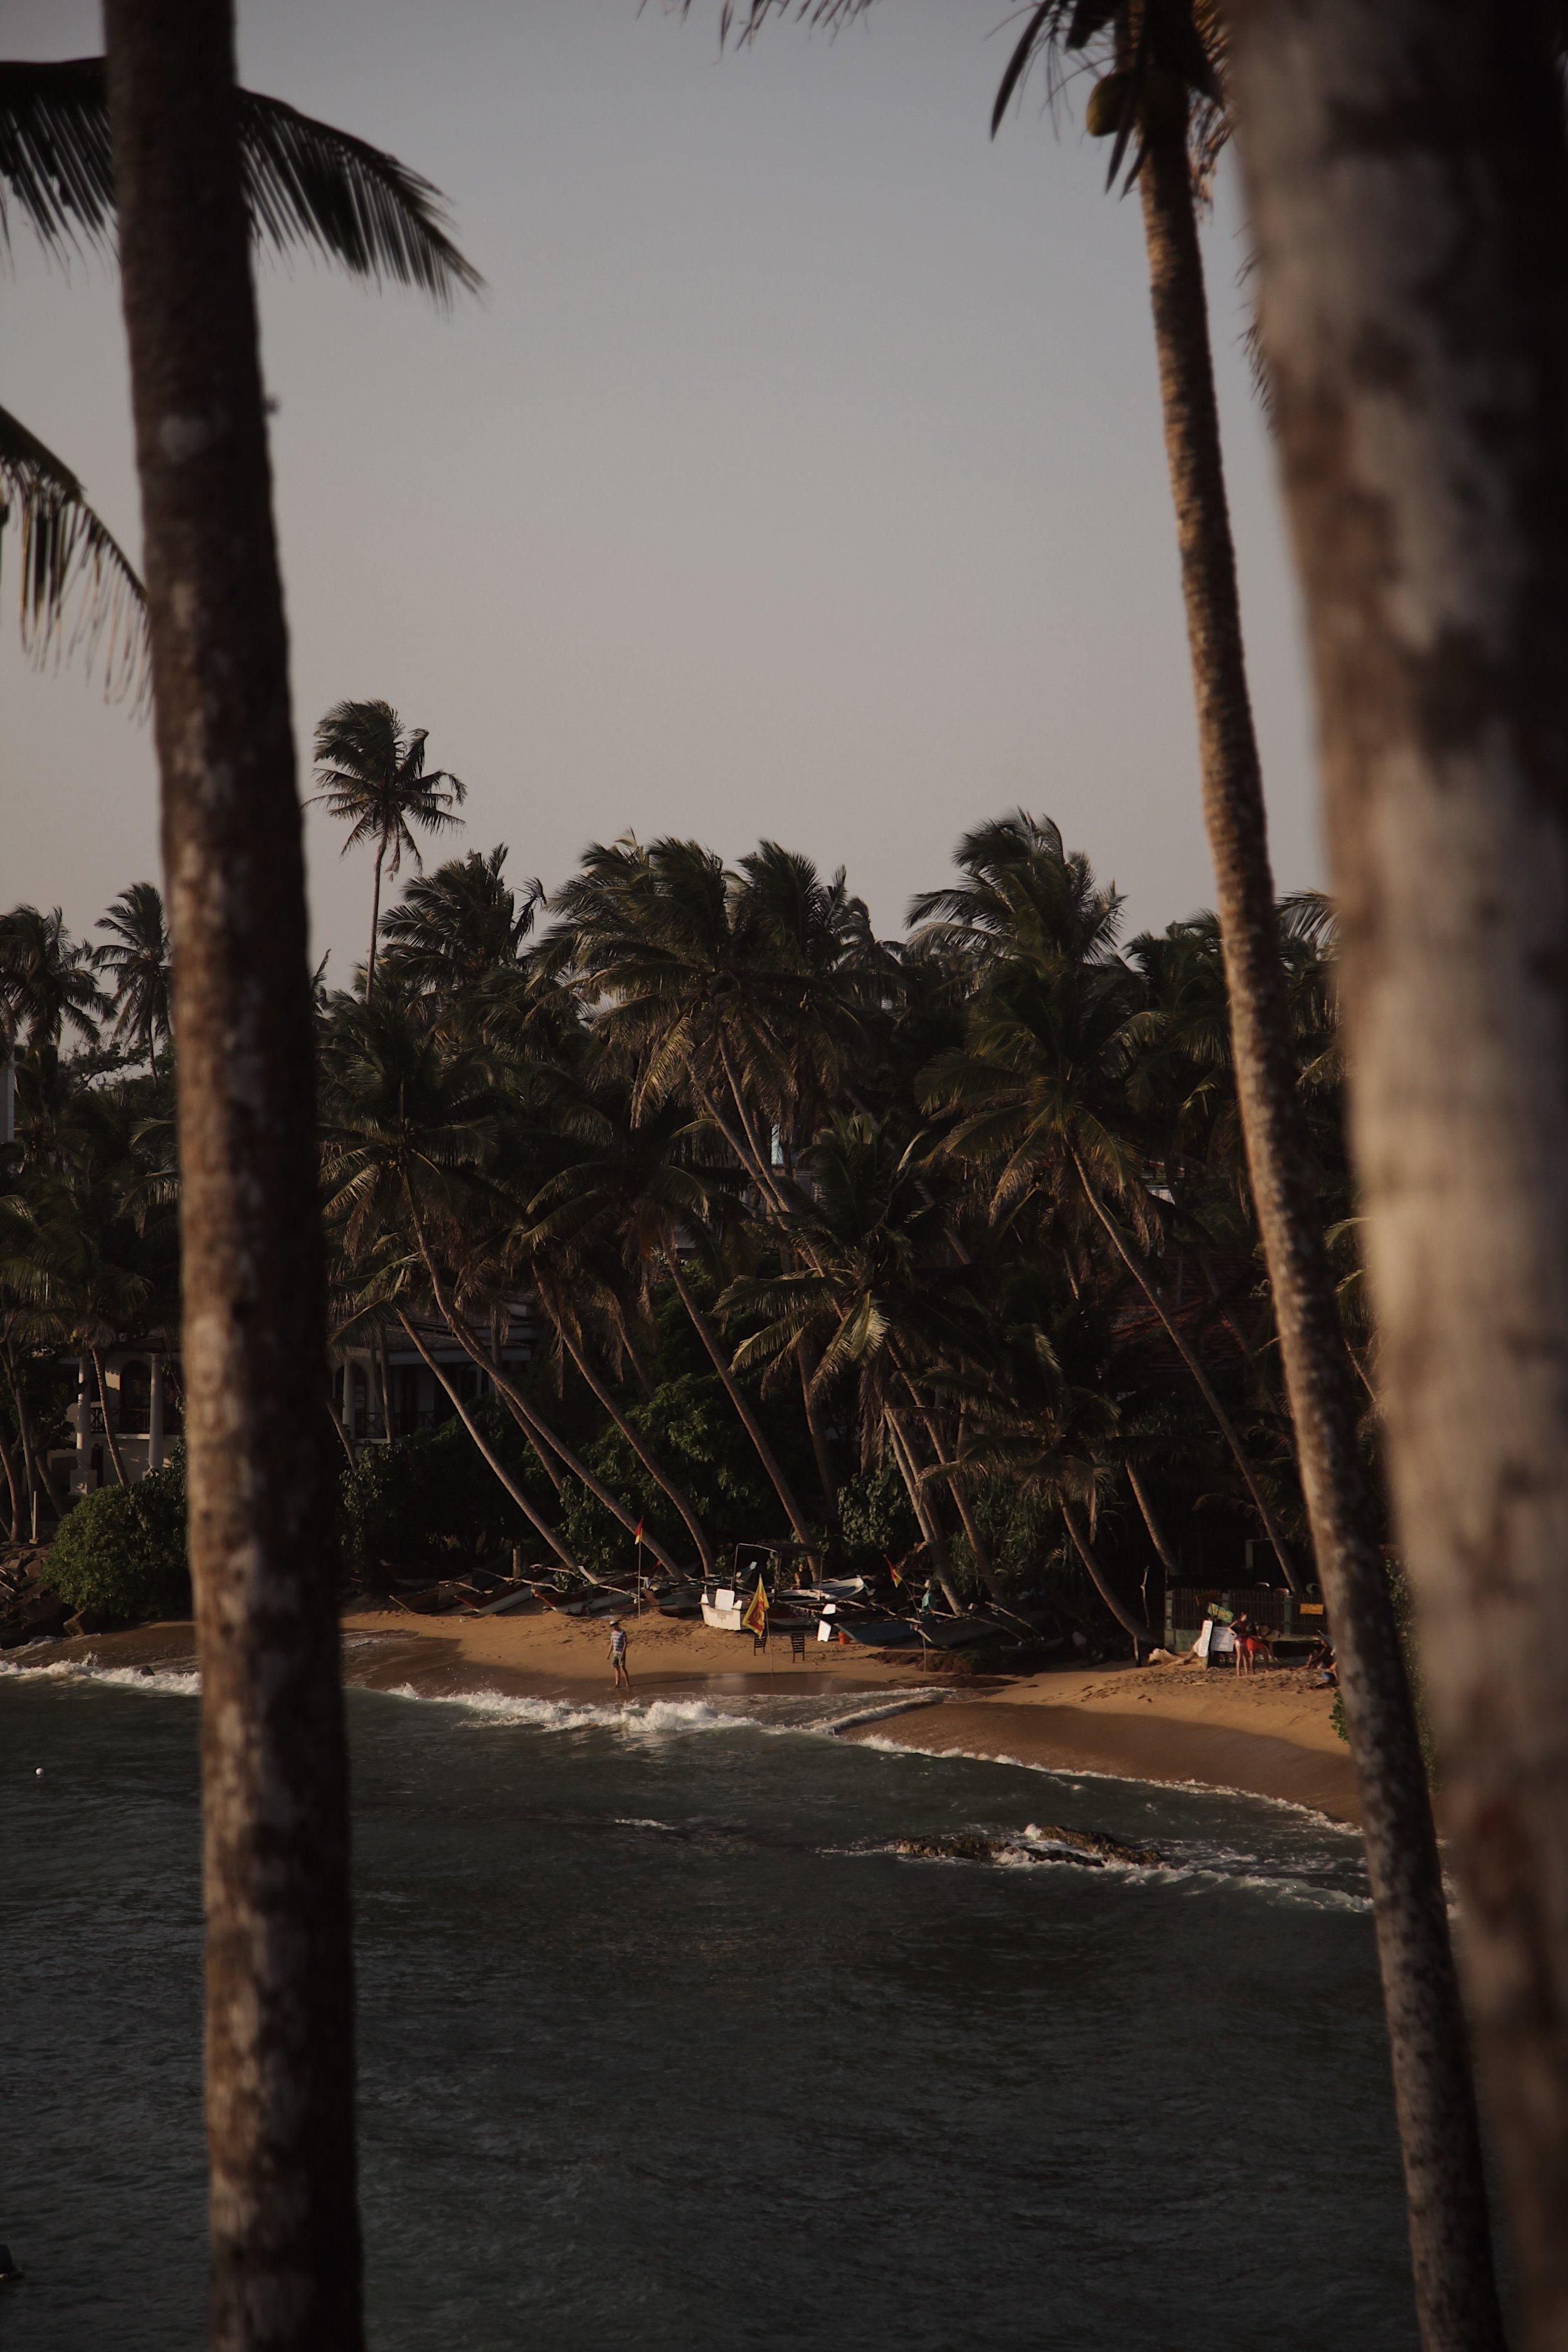 ceylon sliding - SRI LANKA